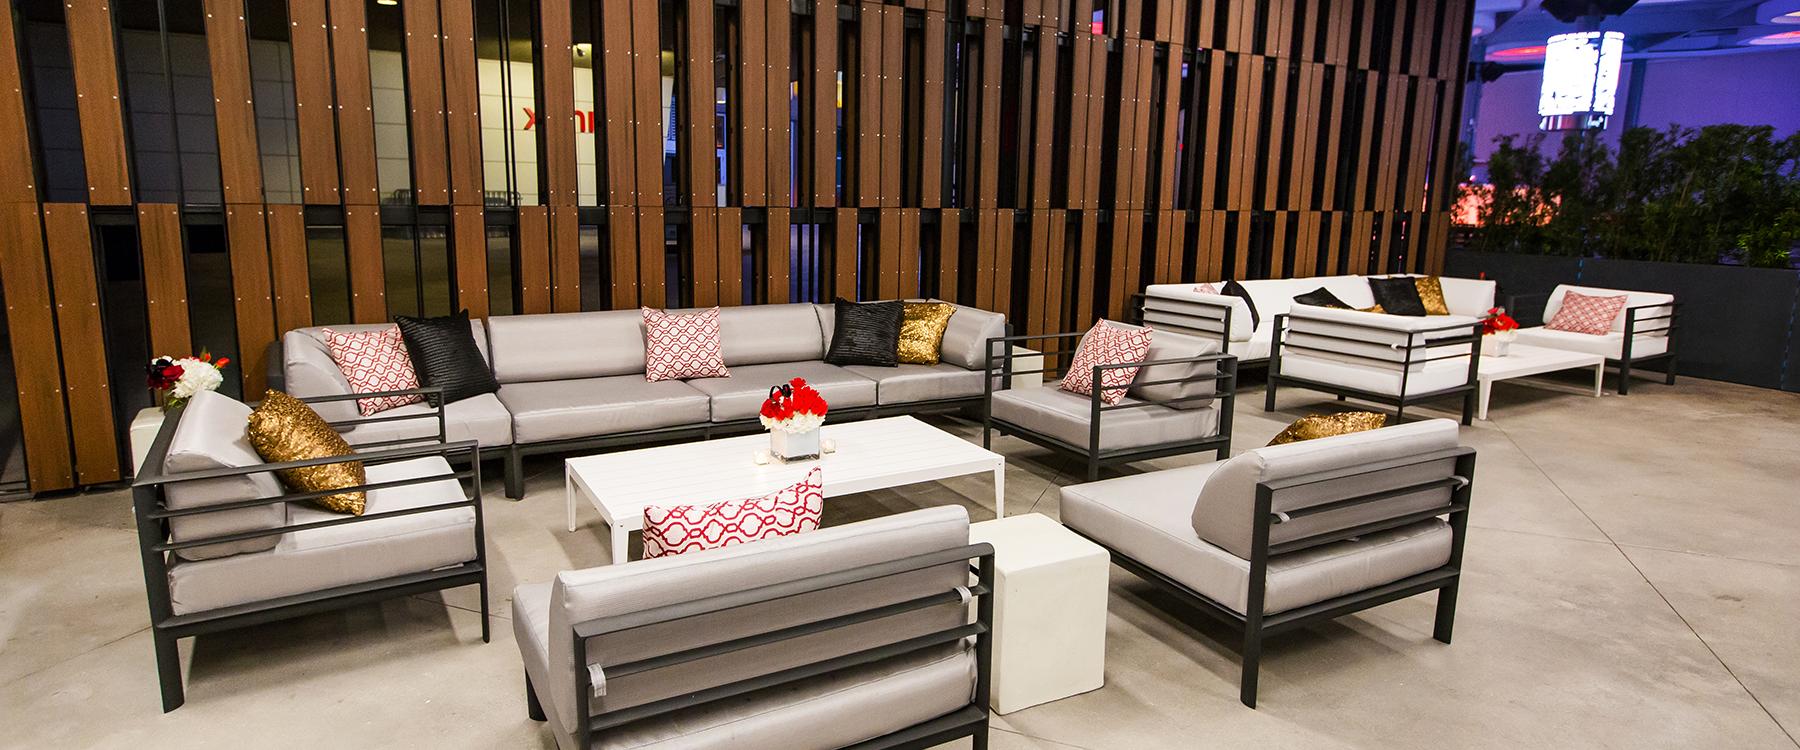 601 Miami – Lounge